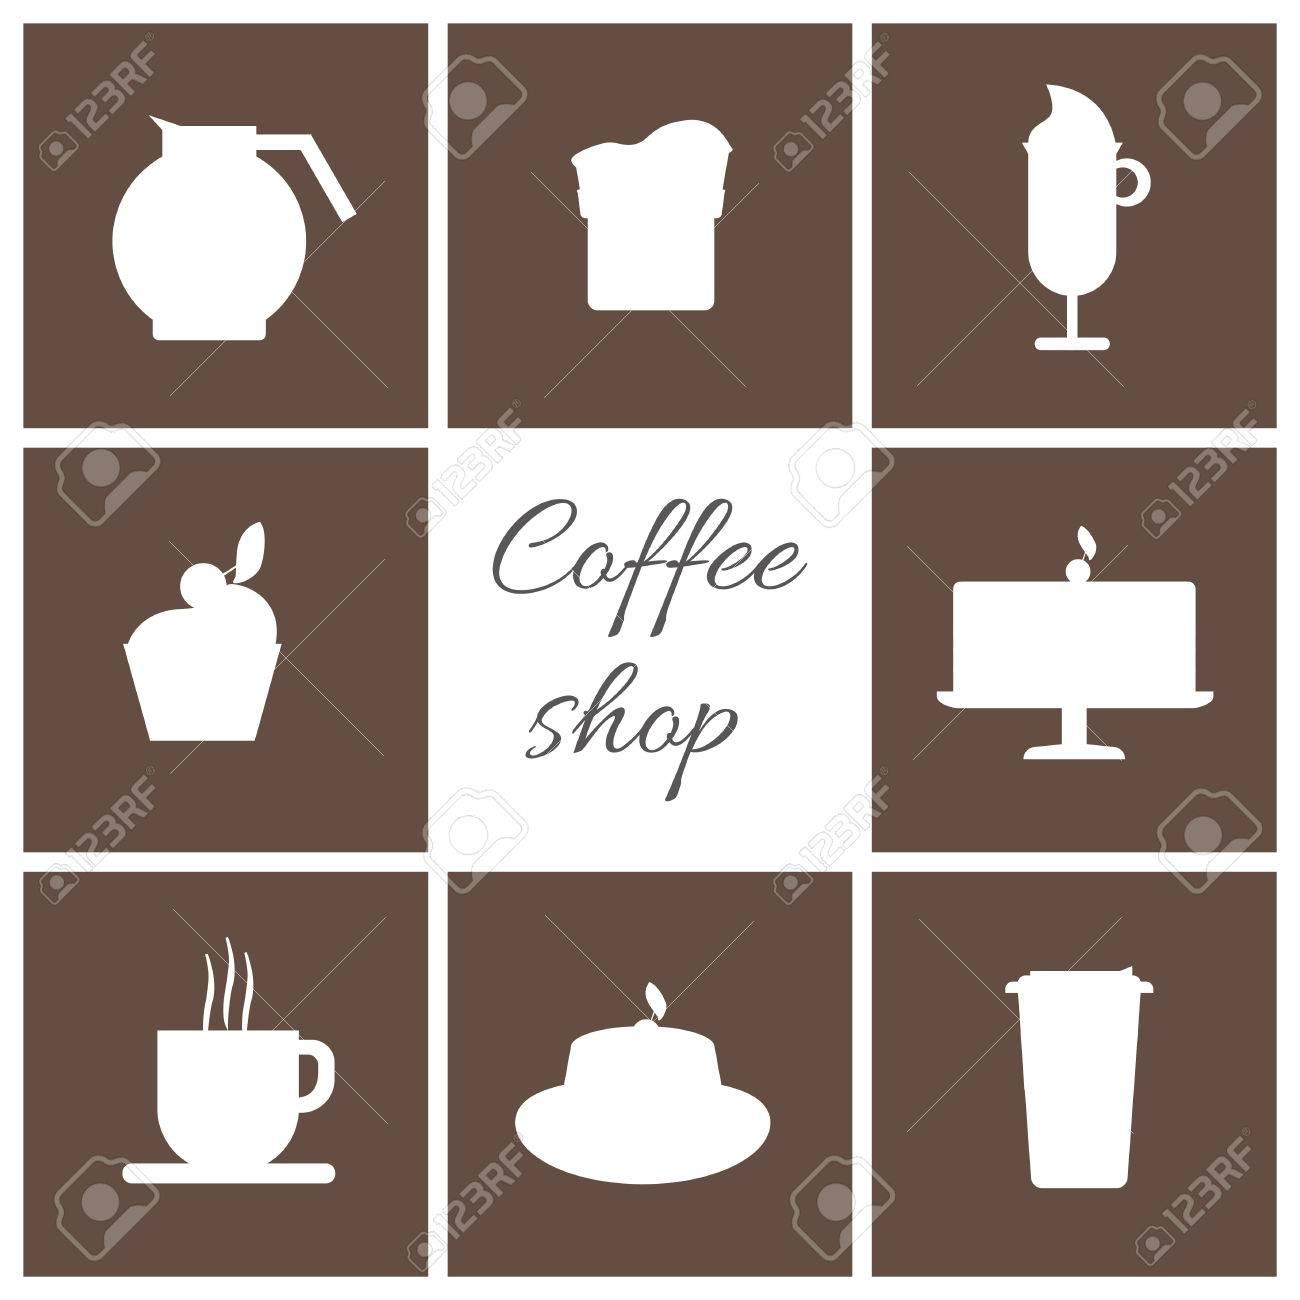 Ein Schwarz Weiss Set Kaffee Artikel Tasse Kaffee Mit Dampf Kuchen